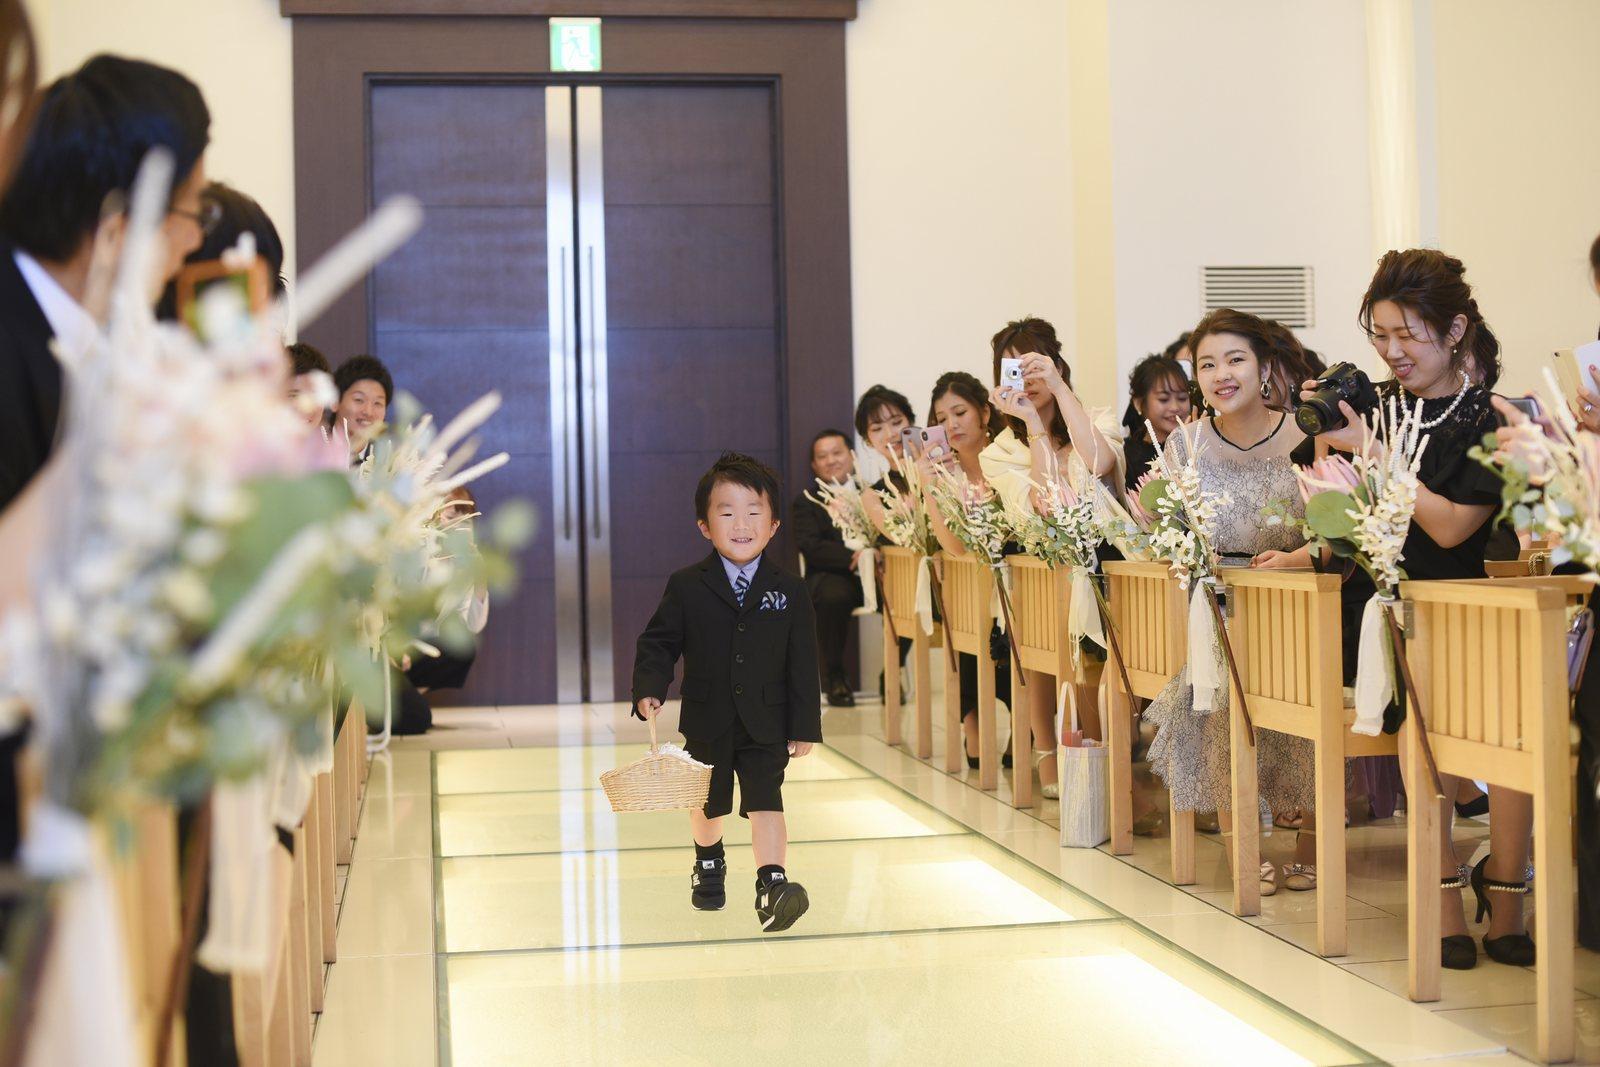 高松市の結婚式場アイルバレクラブ リングボーイ